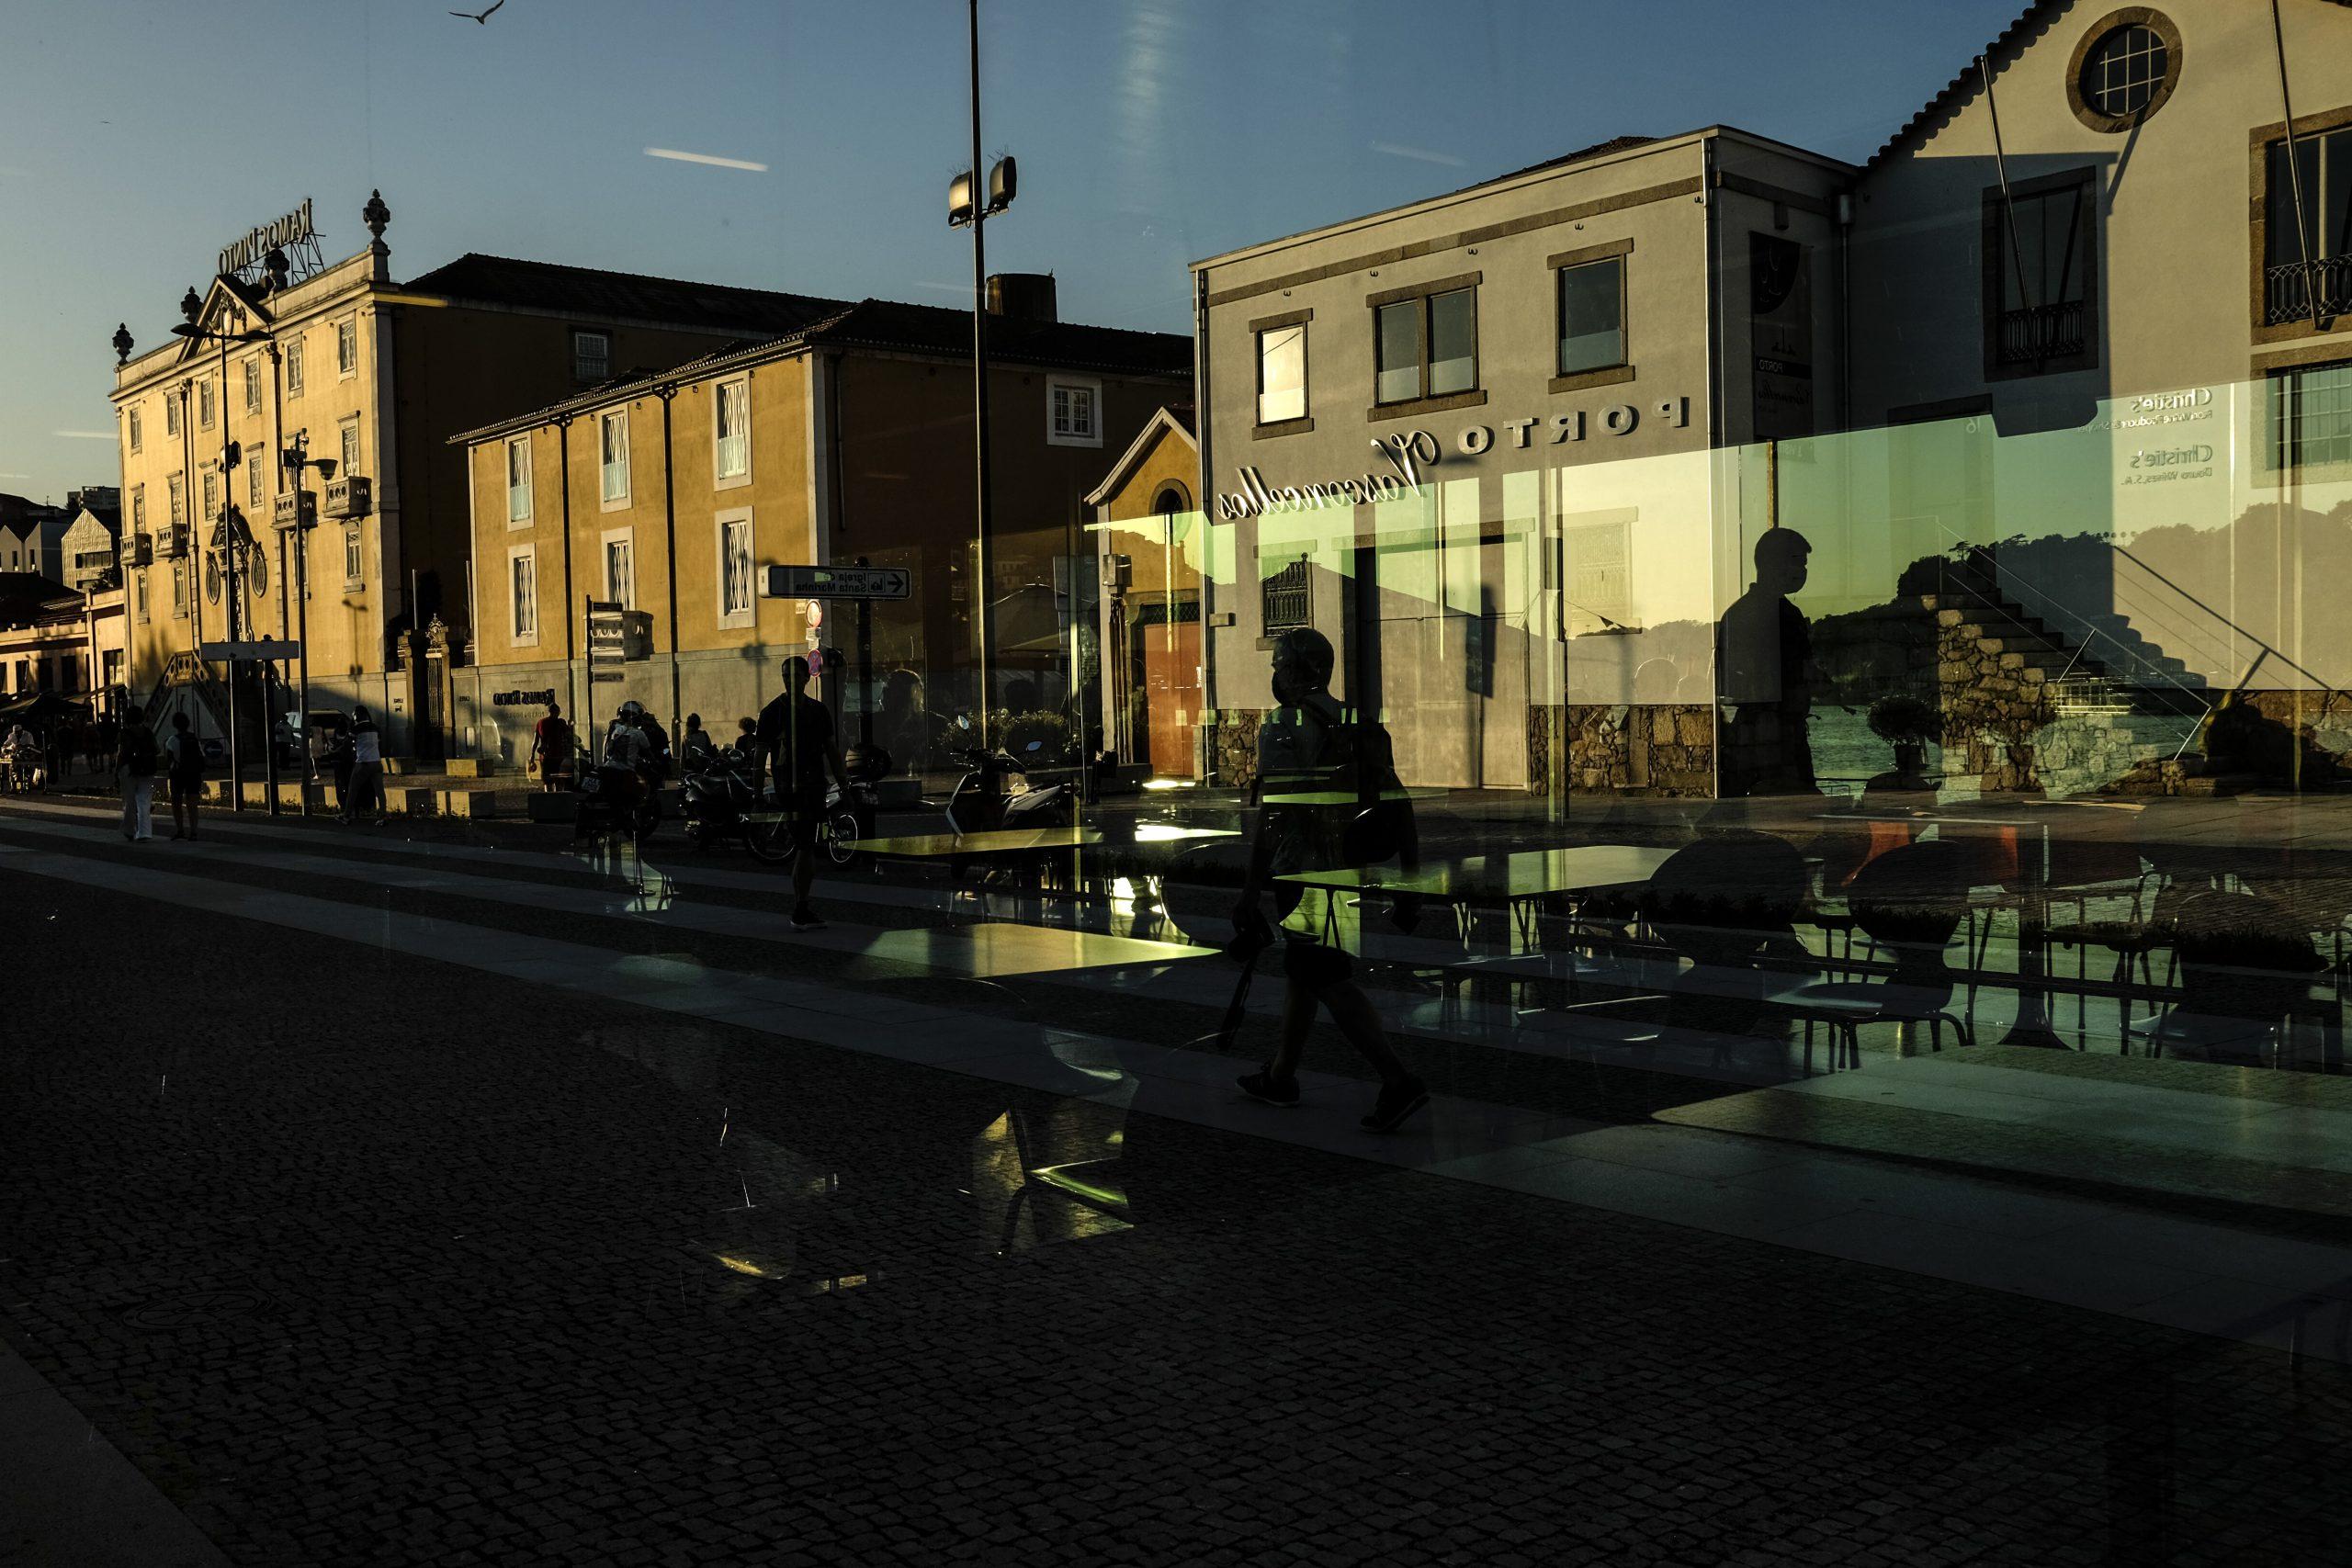 2do Taller de fotografía de calle de Oporto. Edición.